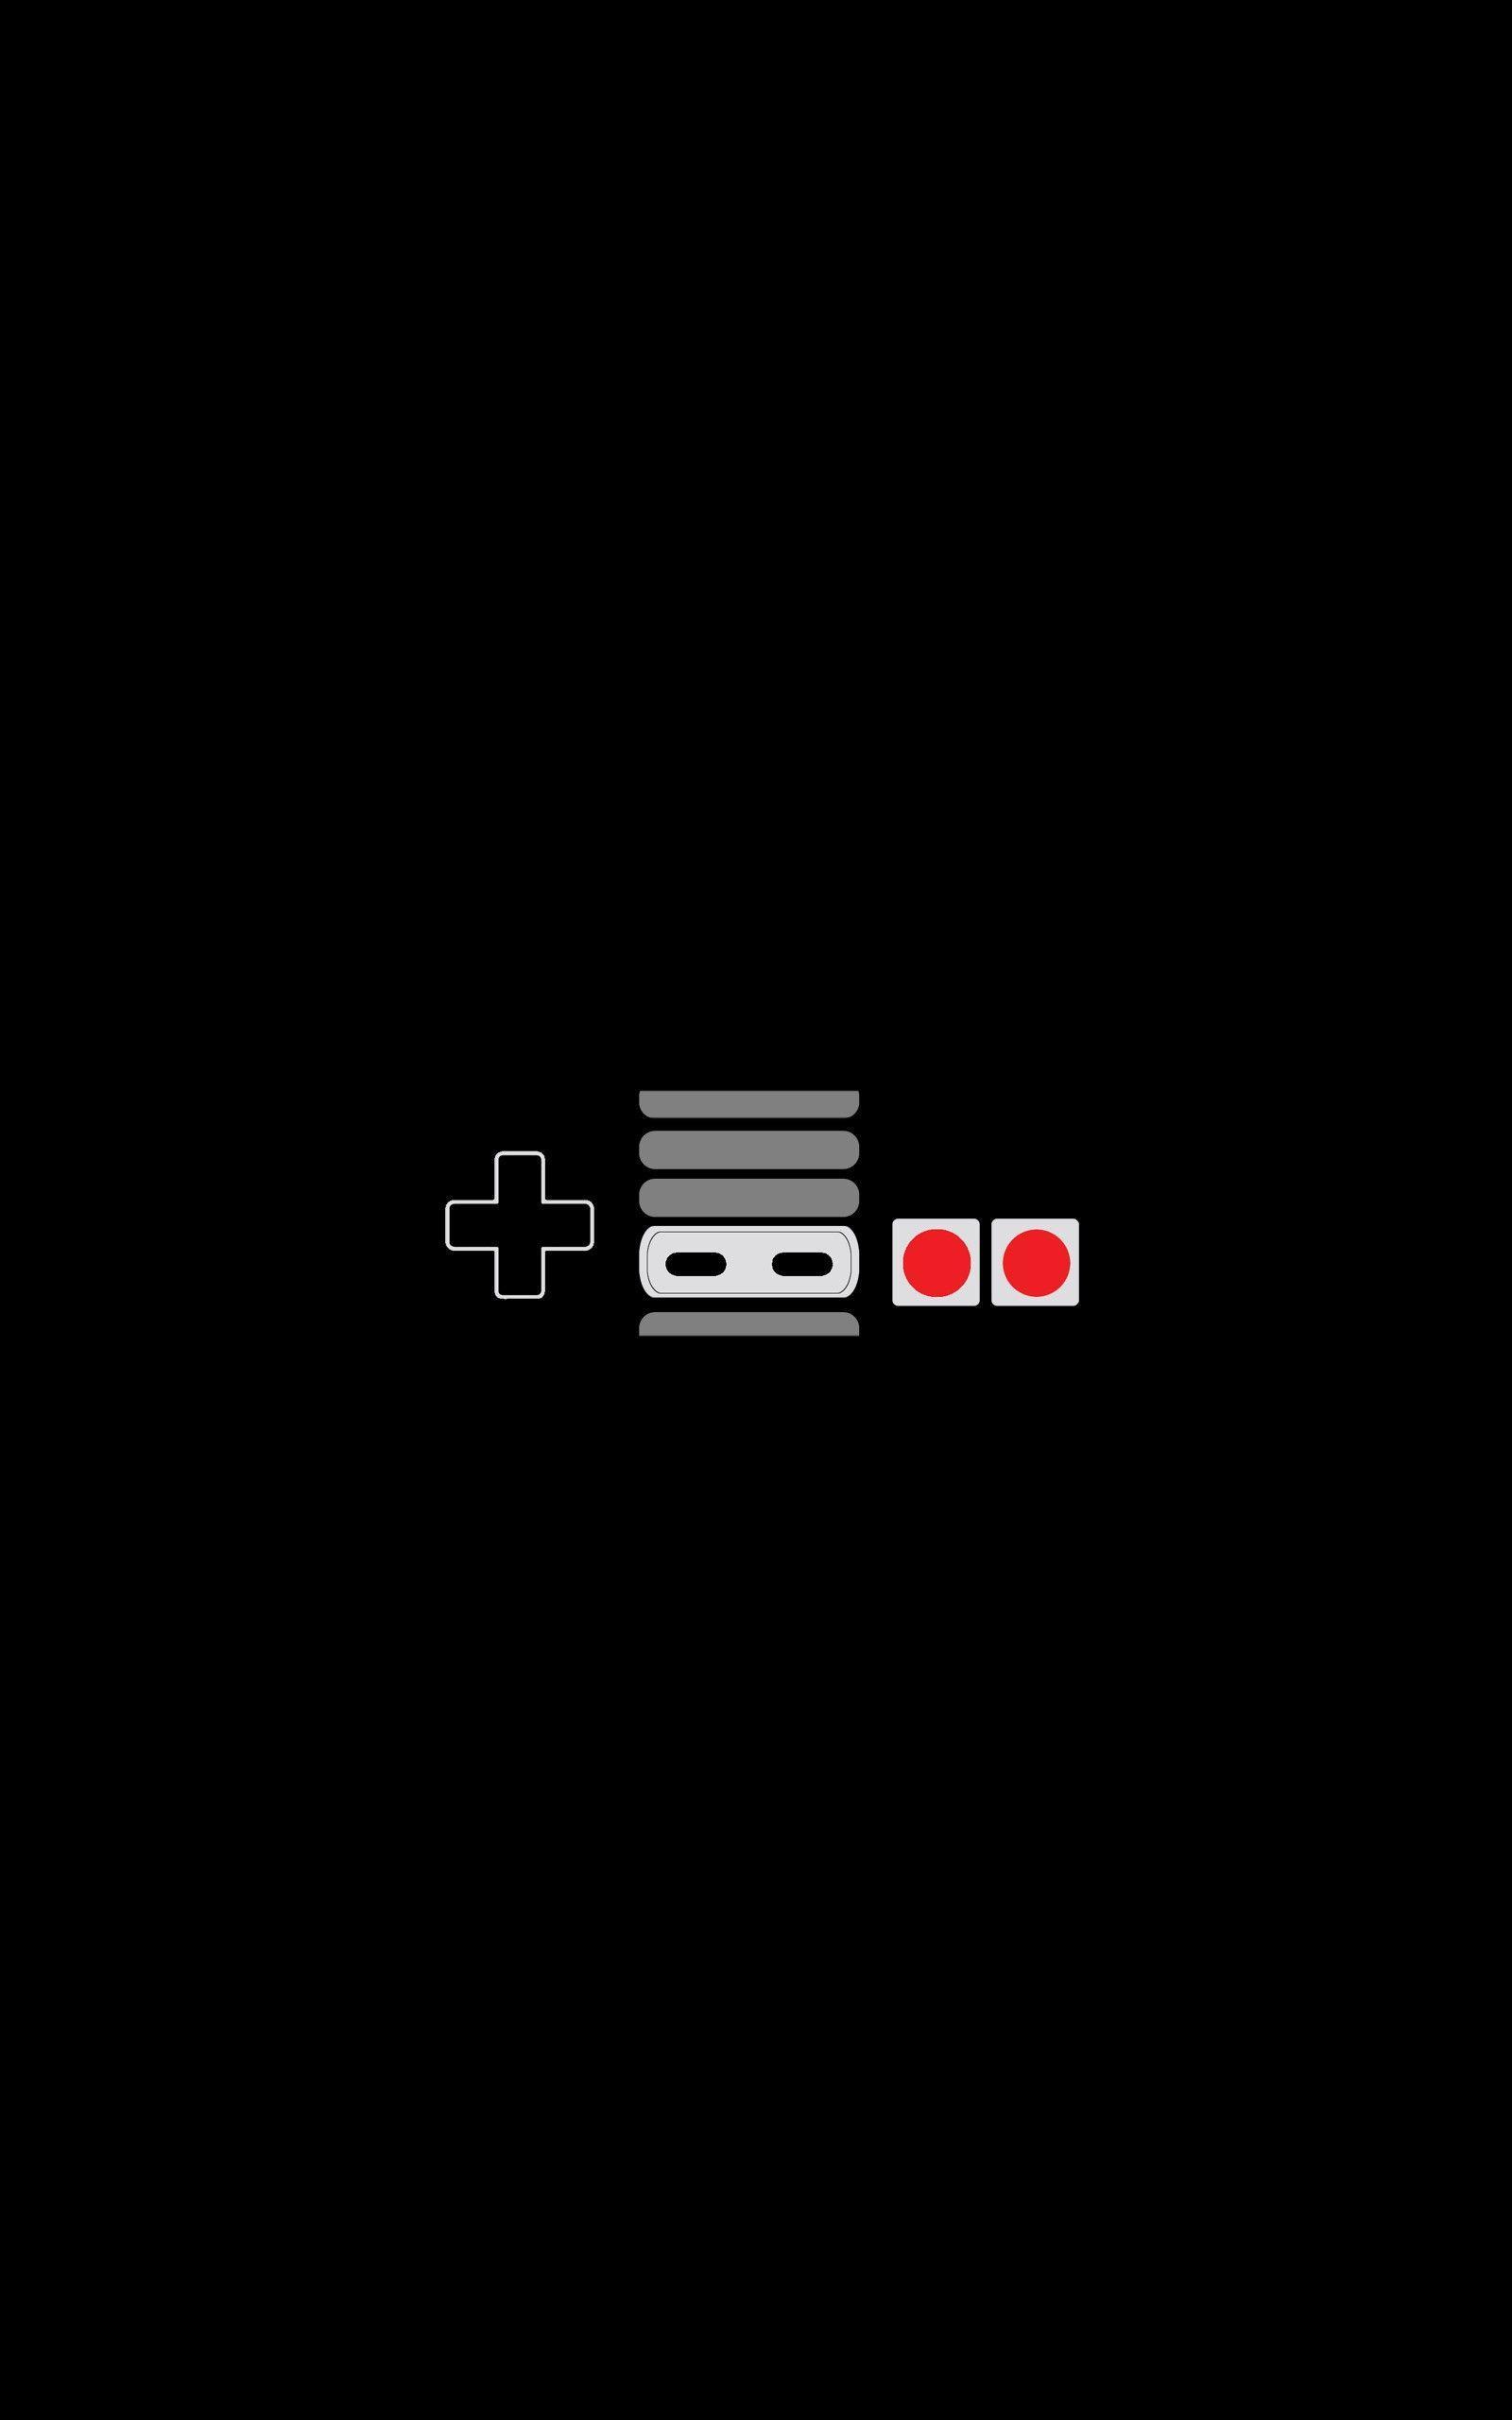 Sfondi android gaming